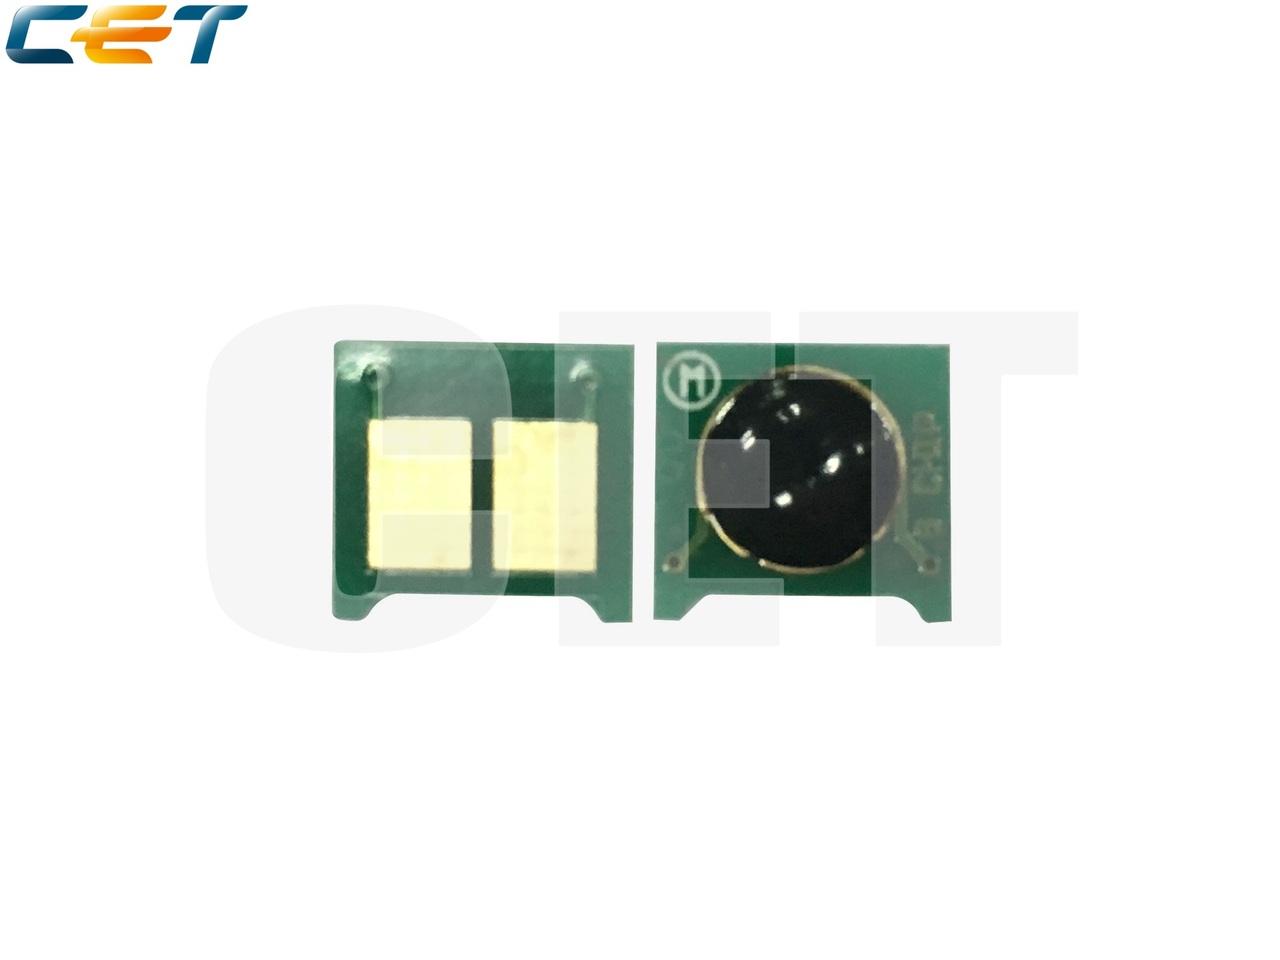 Чип картриджа CF280X для HP LaserJet Pro 400 M401/M425(CET), (WW), 6900 стр., CET0930